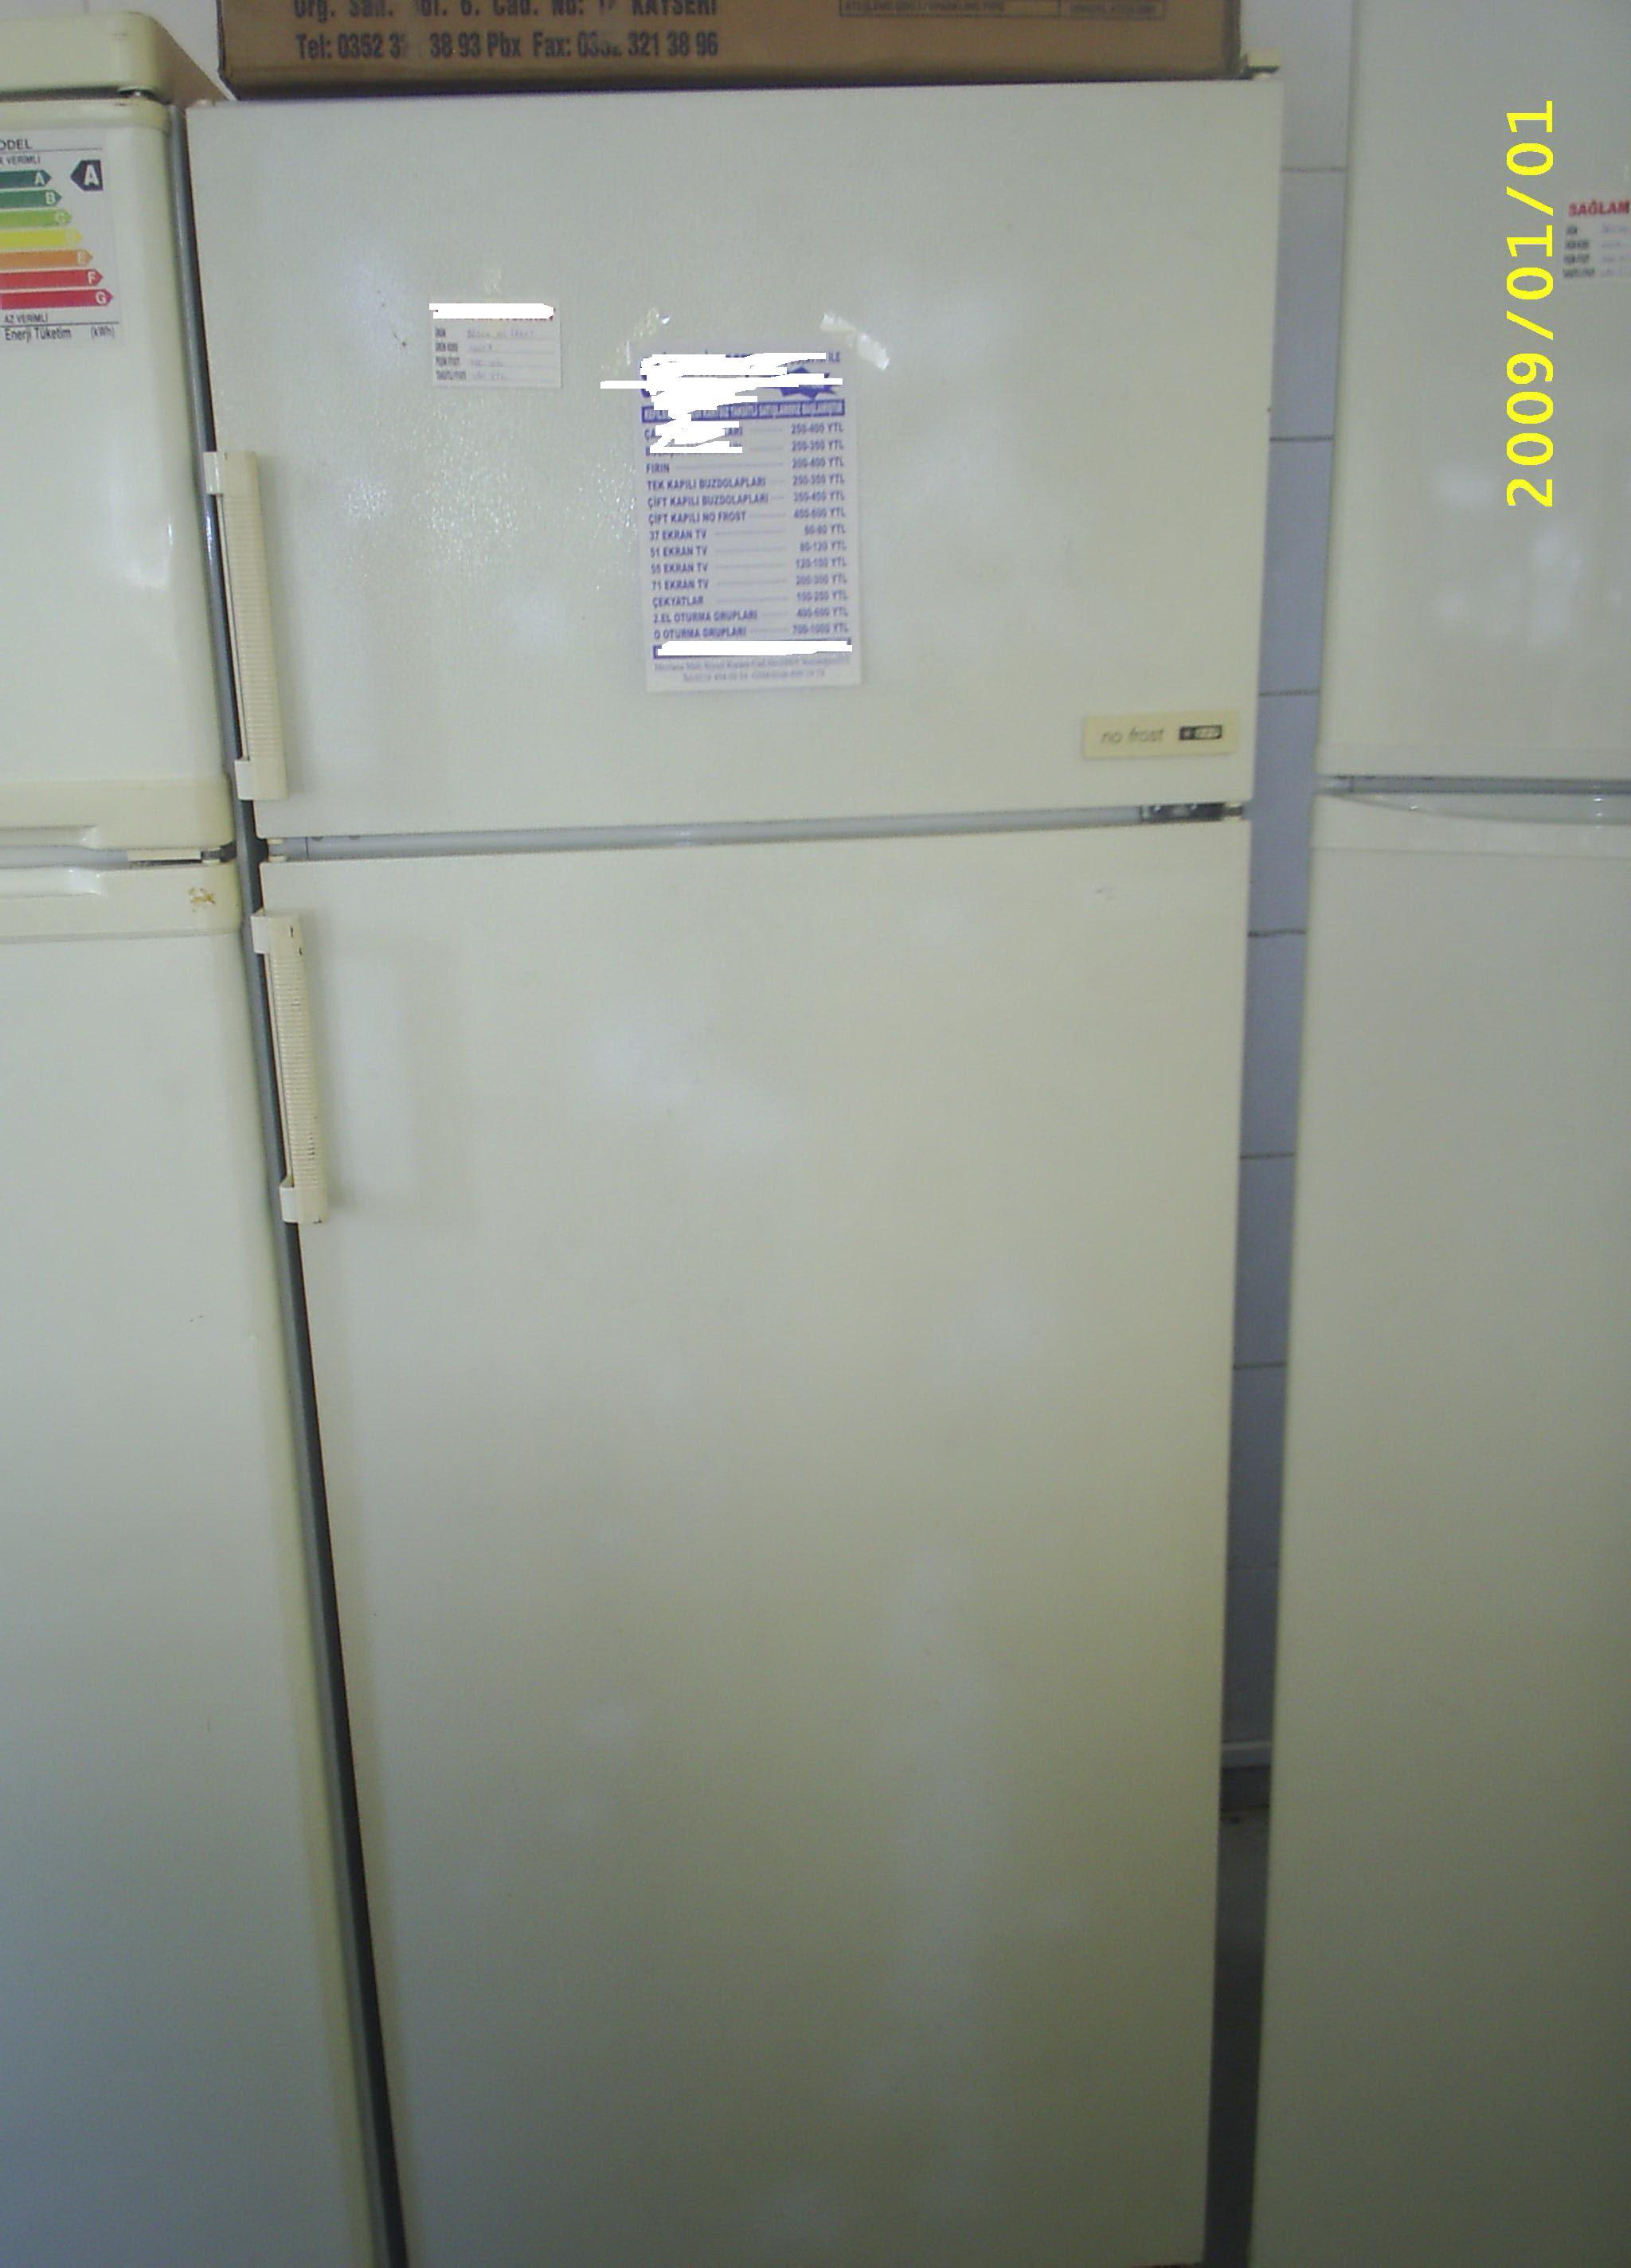 Sorun yok, ver parasını al kullan sağlam buzdolabı